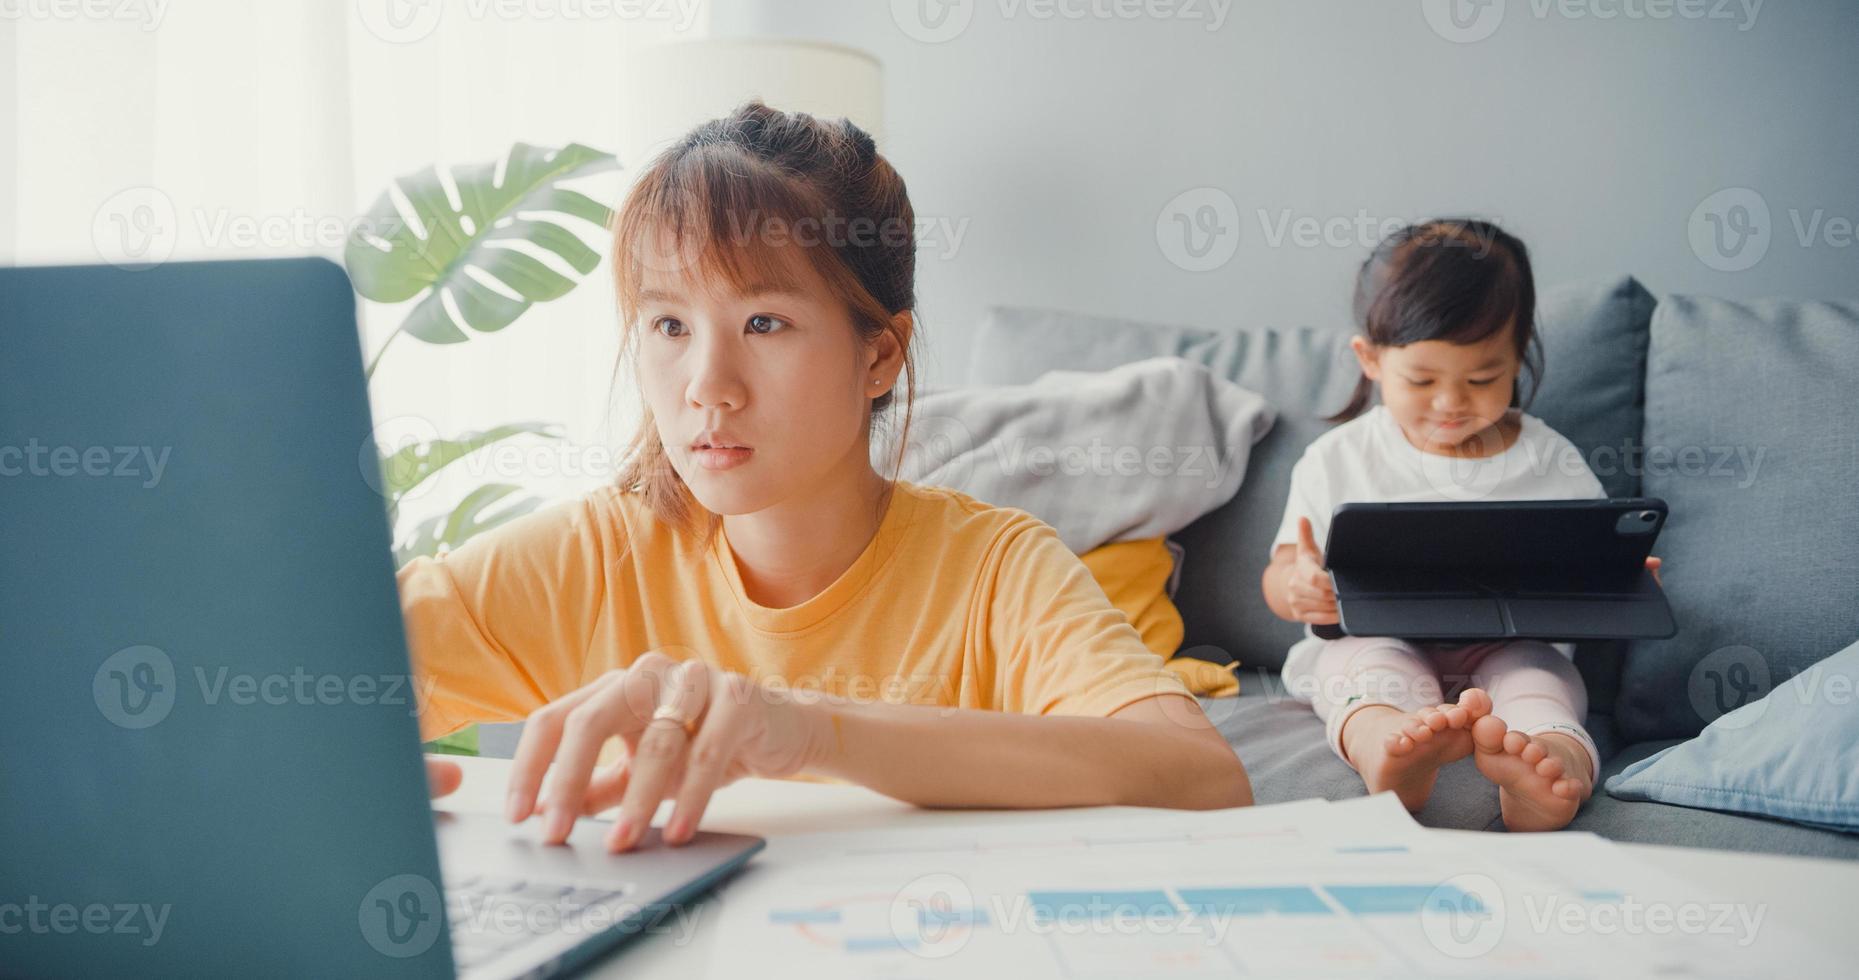 felice allegra famiglia asia mamma che usa il laptop con il suo bambino tiene il fumetto di interesse per tablet sul divano mentre lavora da casa in soggiorno. distanziamento sociale, quarantena per la prevenzione del coronavirus. foto